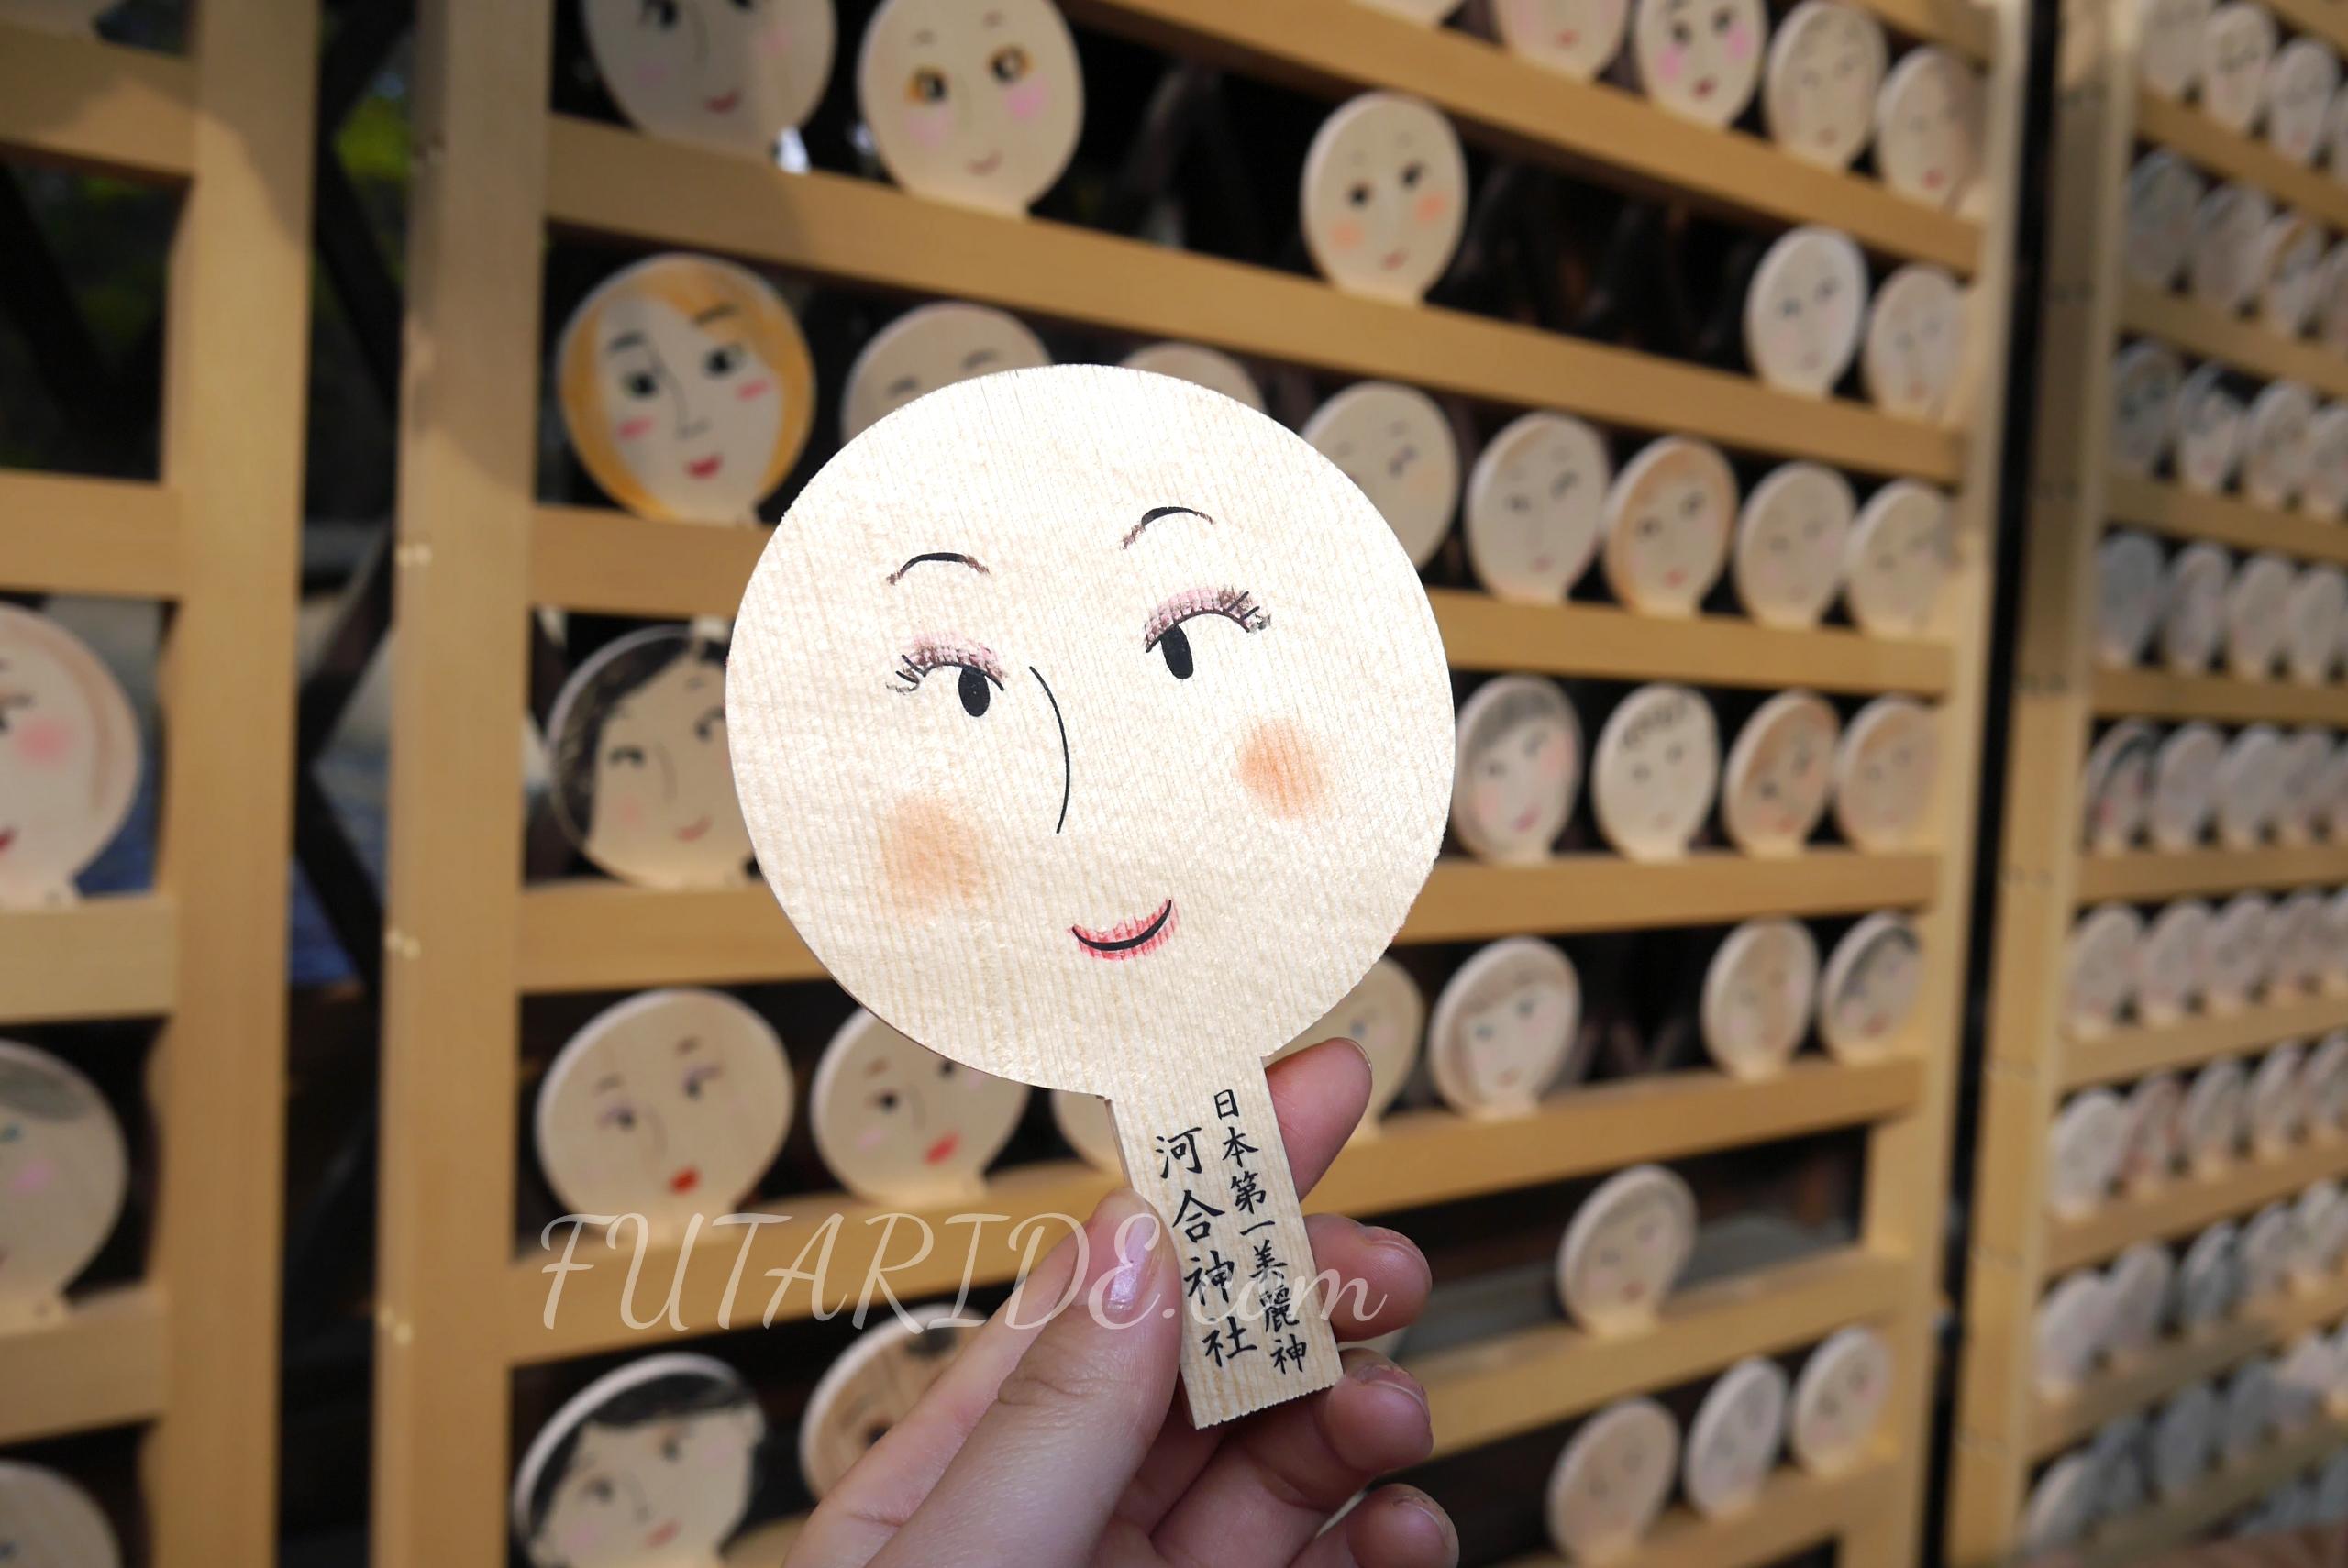 京都・河合神社で美人祈願! お化粧した鏡絵馬を奉納して美人になろう